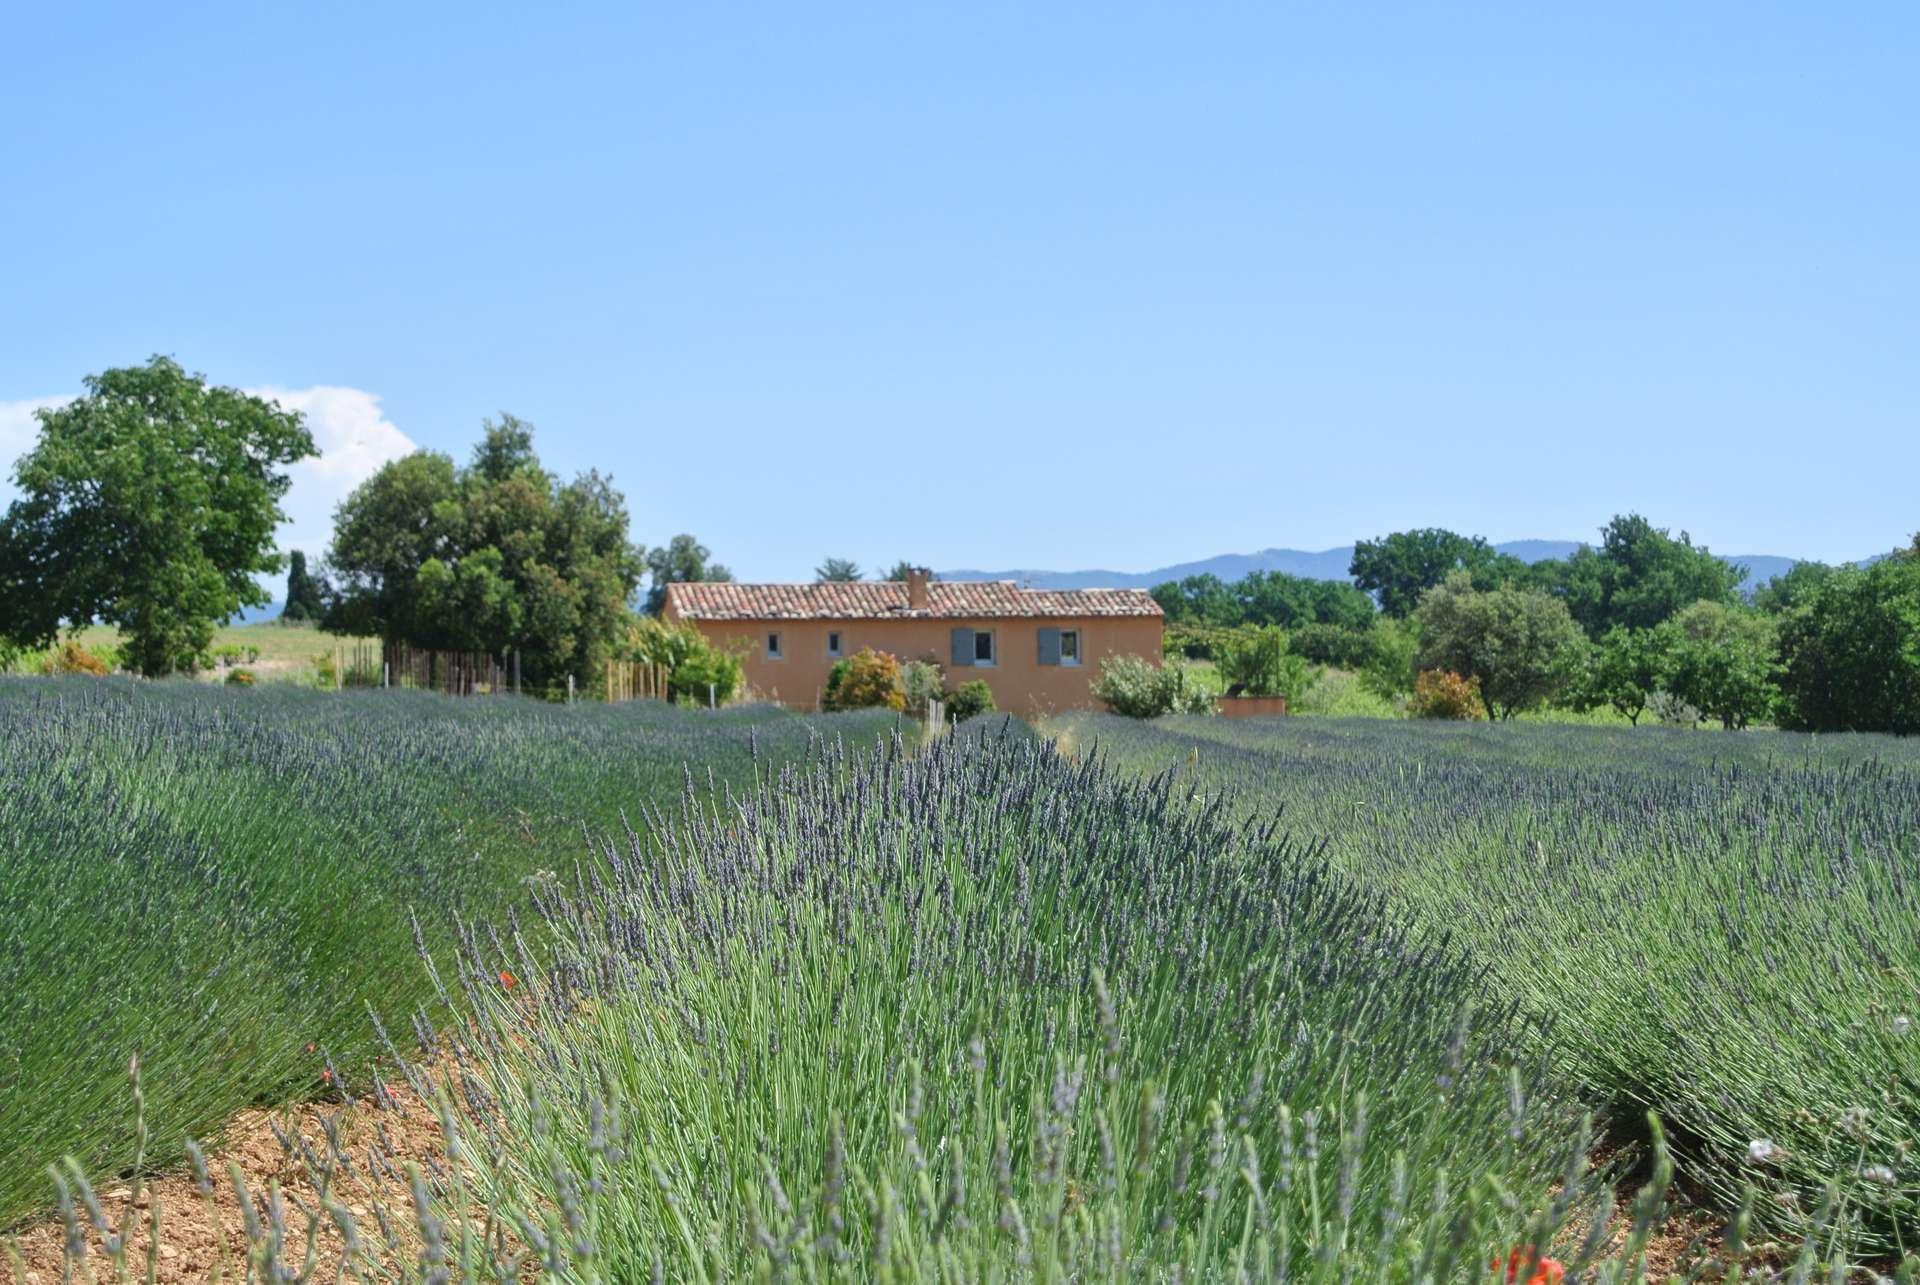 Lavanda fields